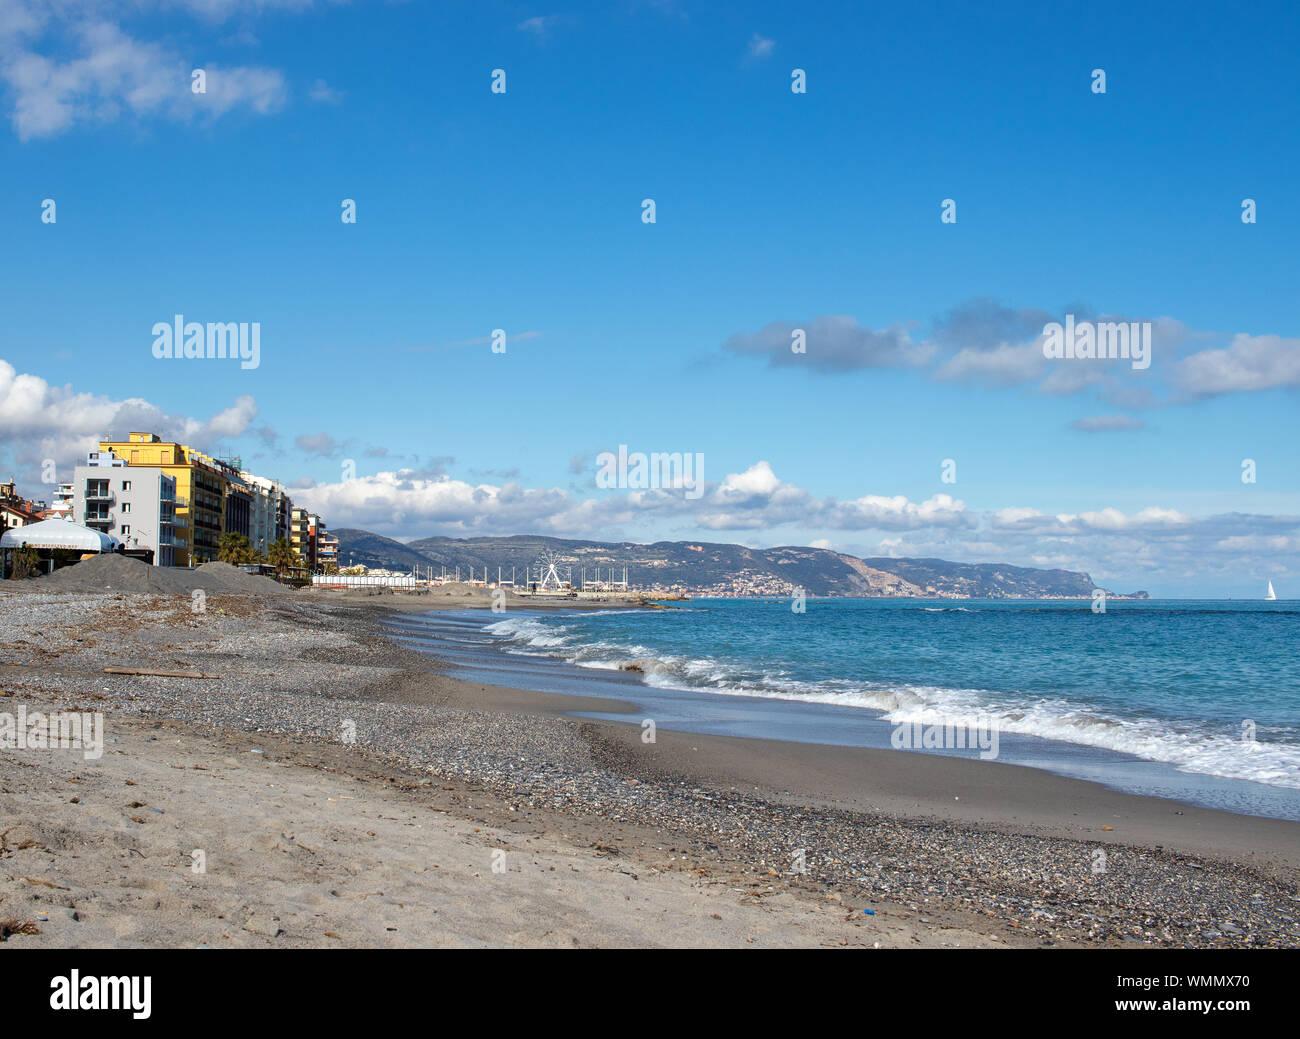 Paysage mer ligurienne avec ciel bleu avec des nuages Banque D'Images